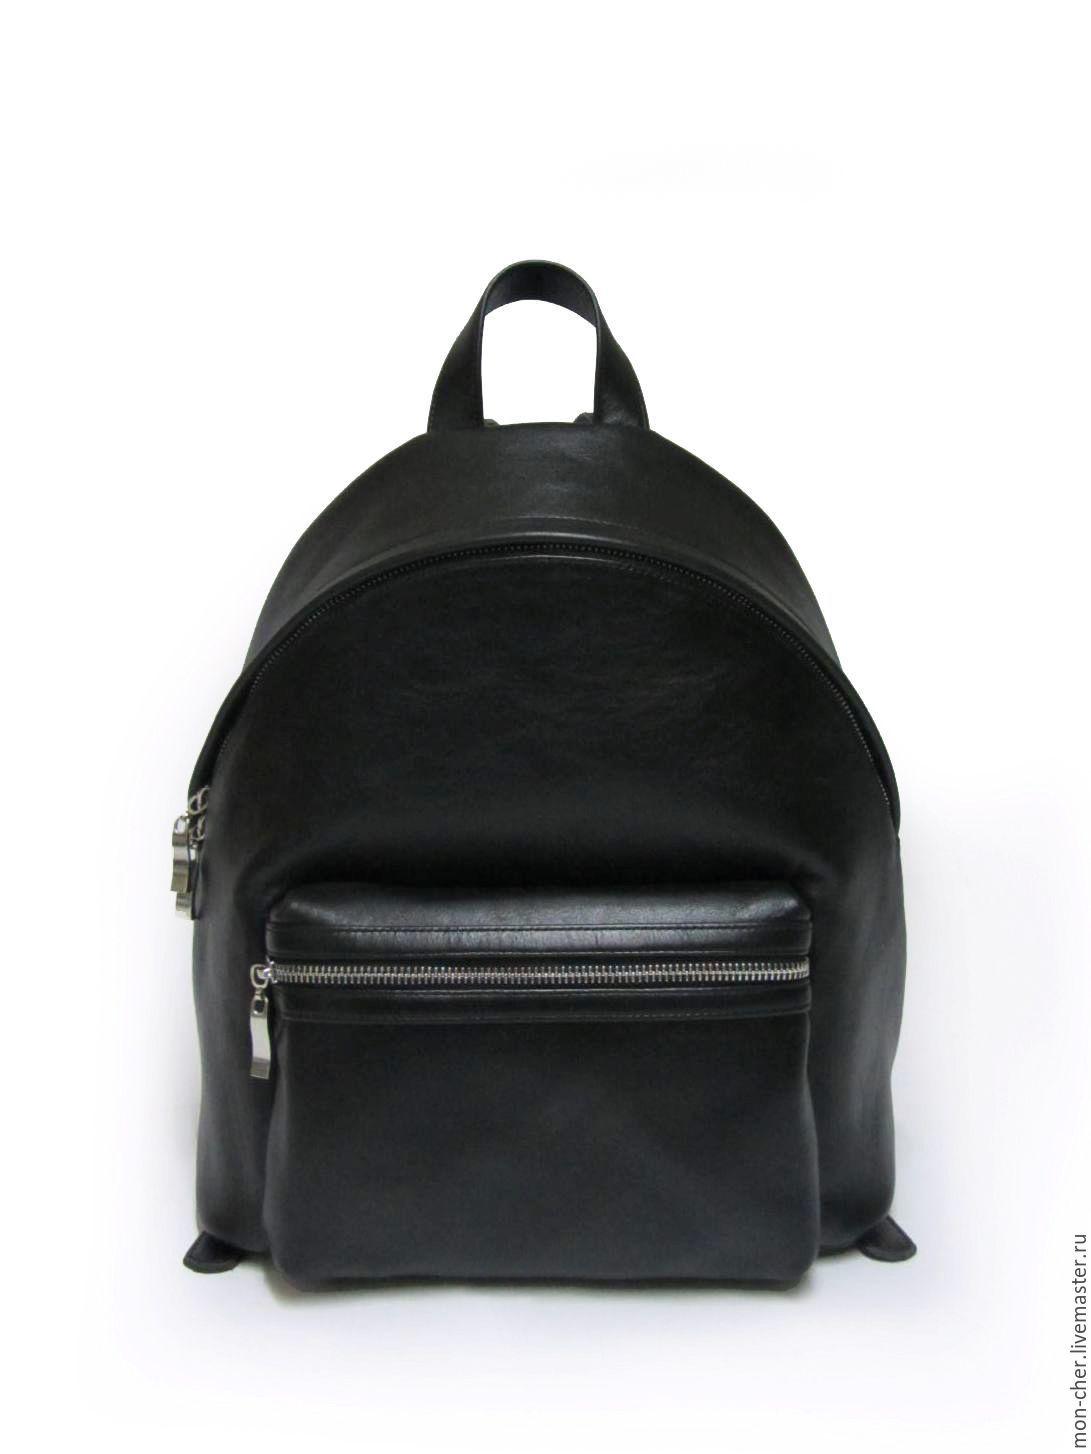 Купить Рюкзак женский кожаный - однотонный, черный, черная кожа, рюкзак  женский, рюкзак 68098339521